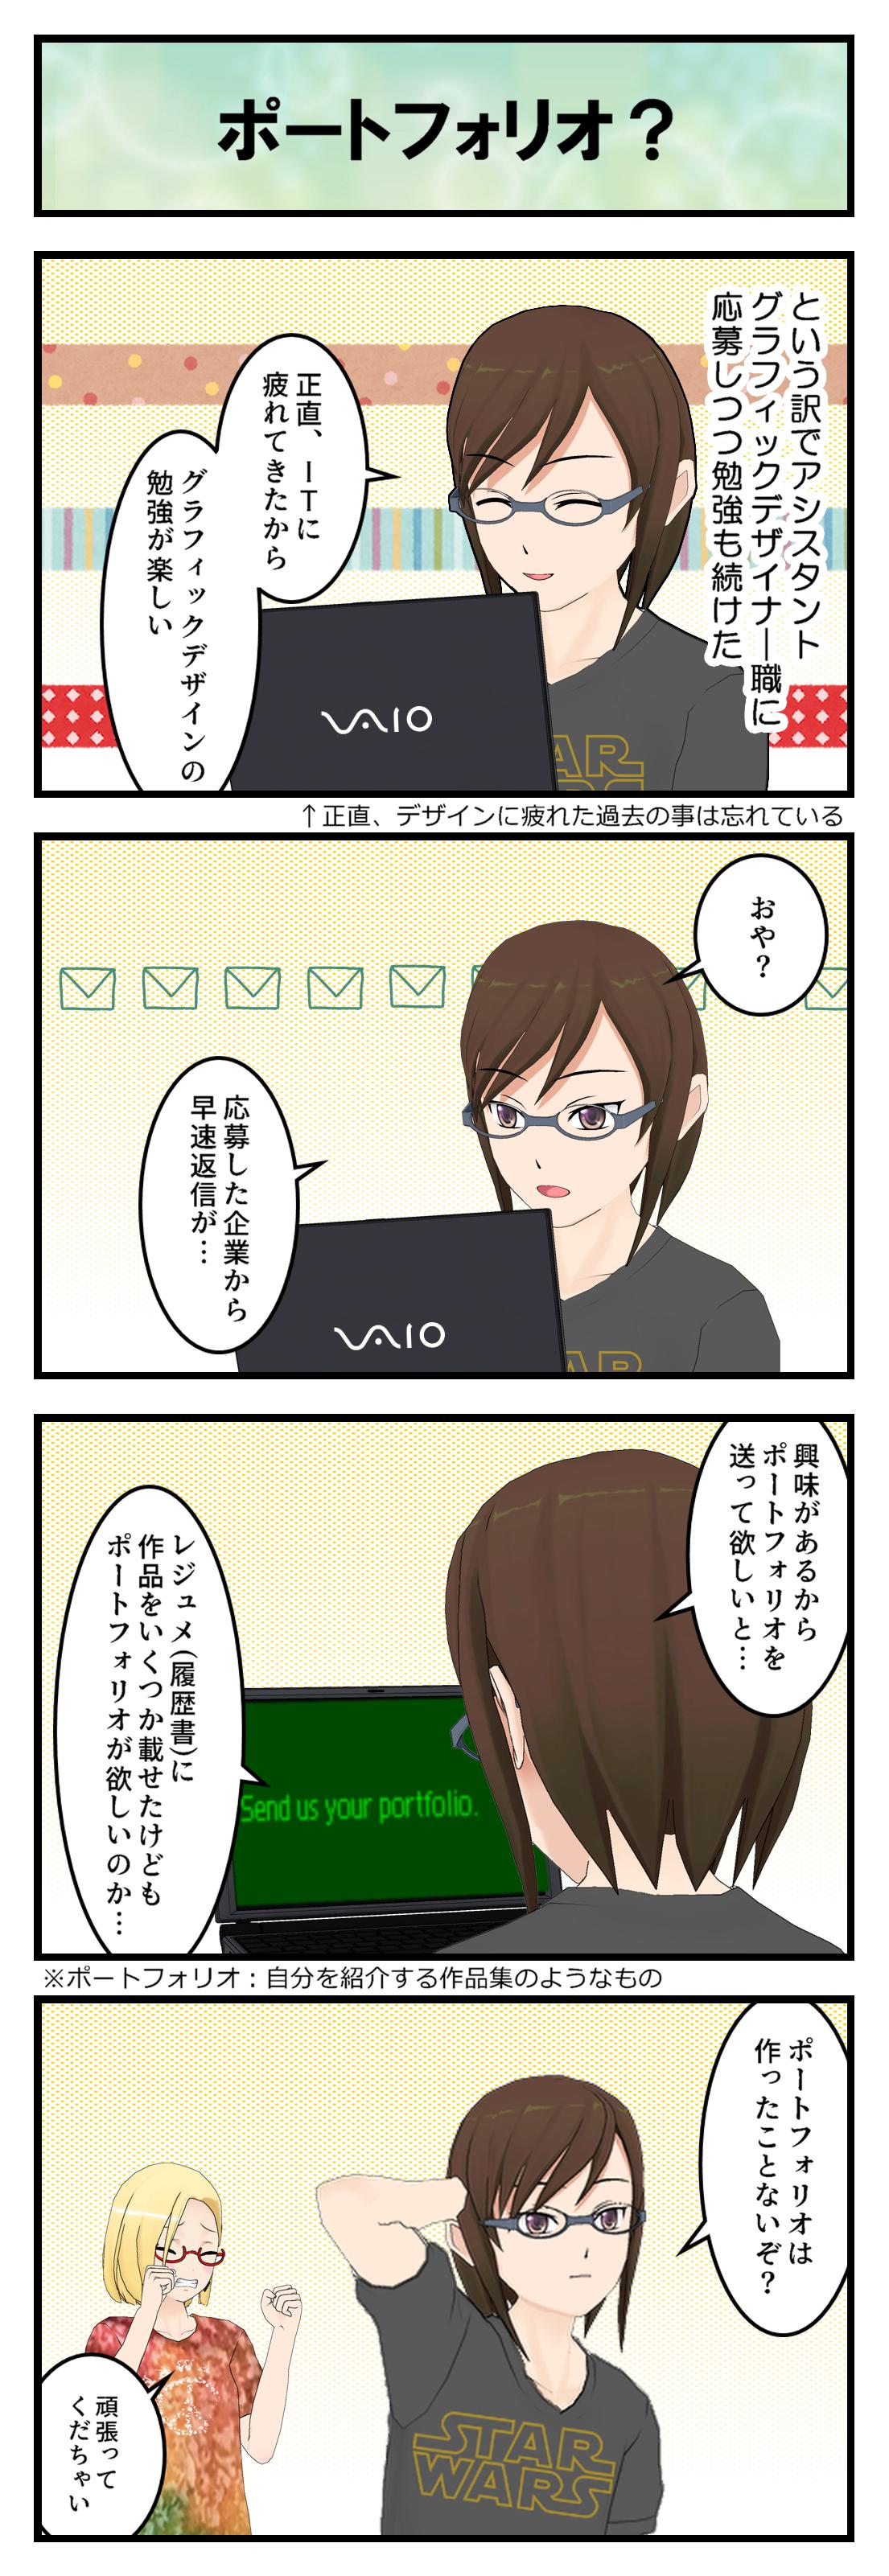 R534_グラフィック5_001